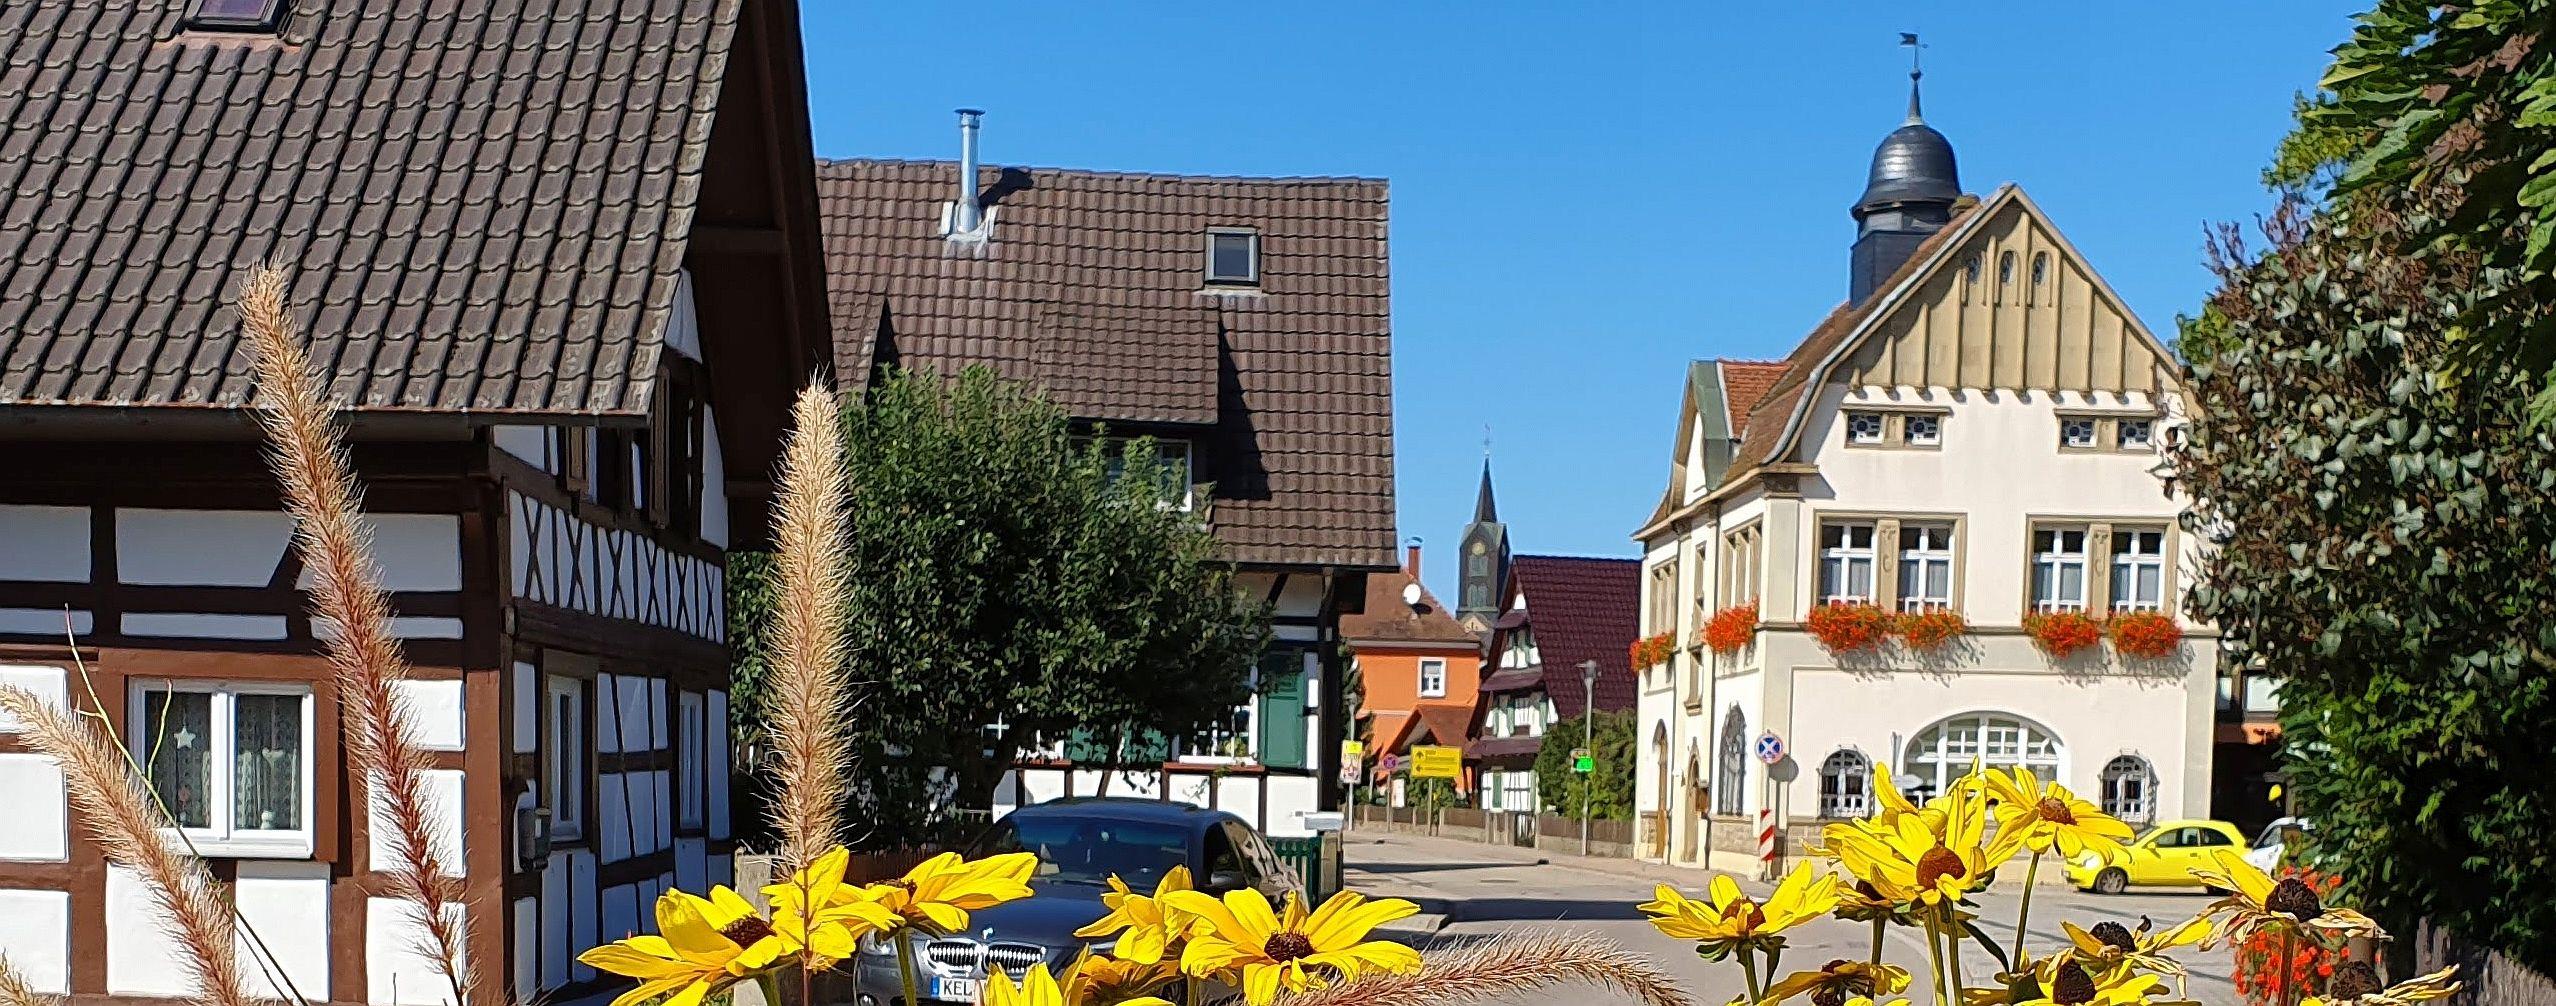 Blick auf Rathaus Hesselhurst in der Ortenautsraße